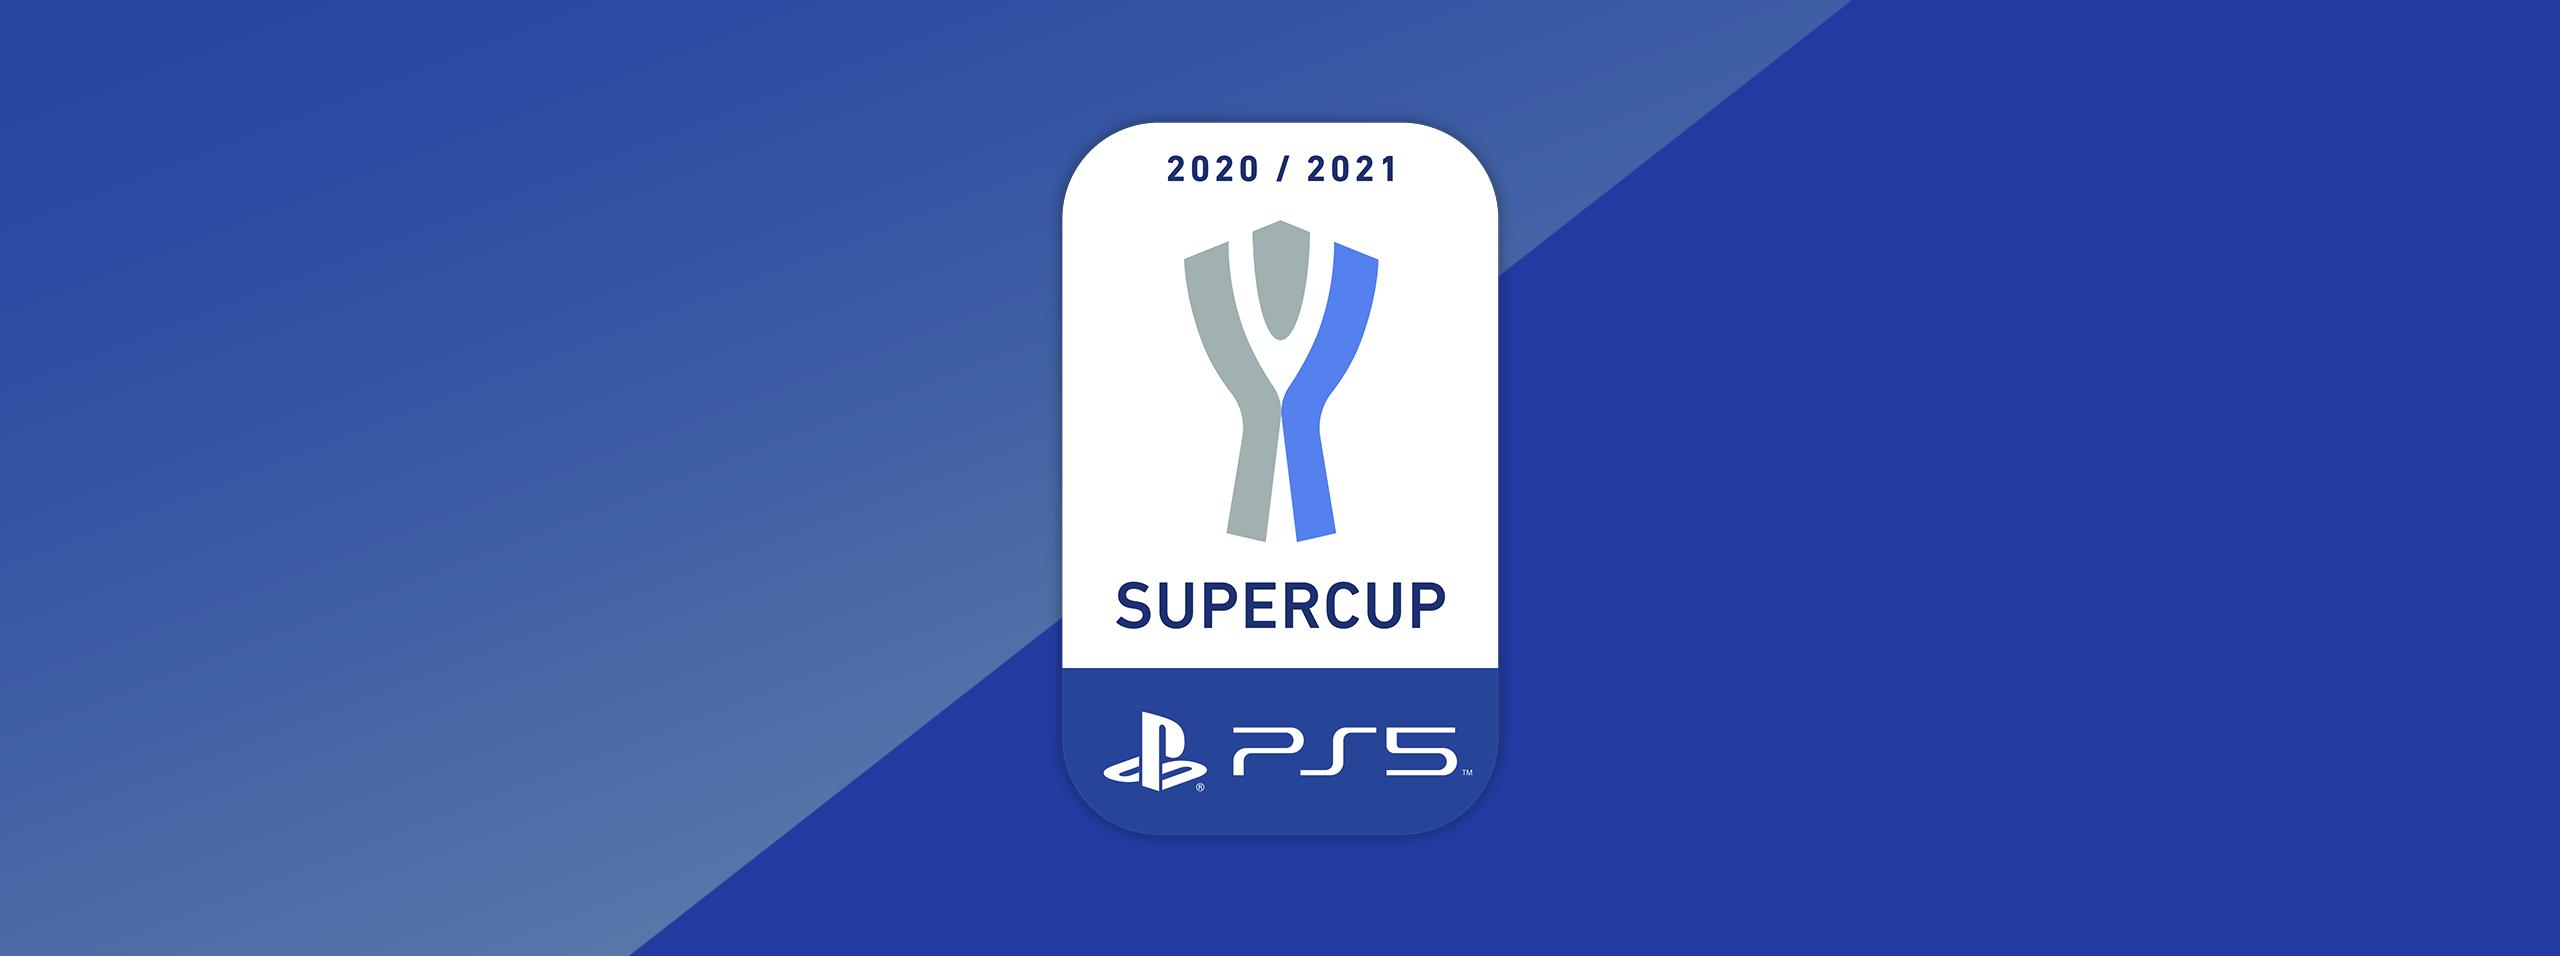 Super Cup hero